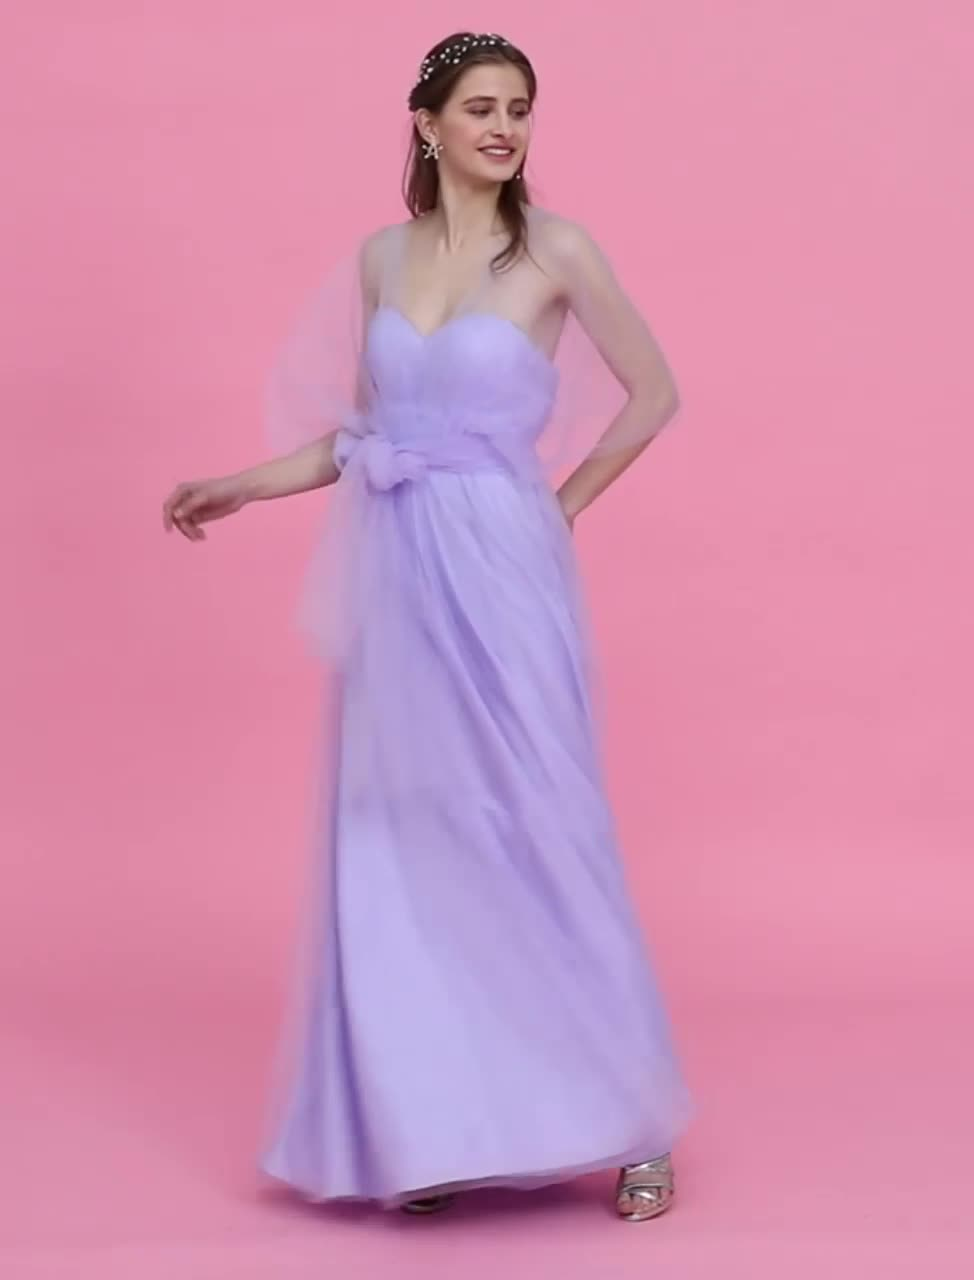 Único Perchas Señora Para El Vestido De Novia Festooning - Ideas de ...